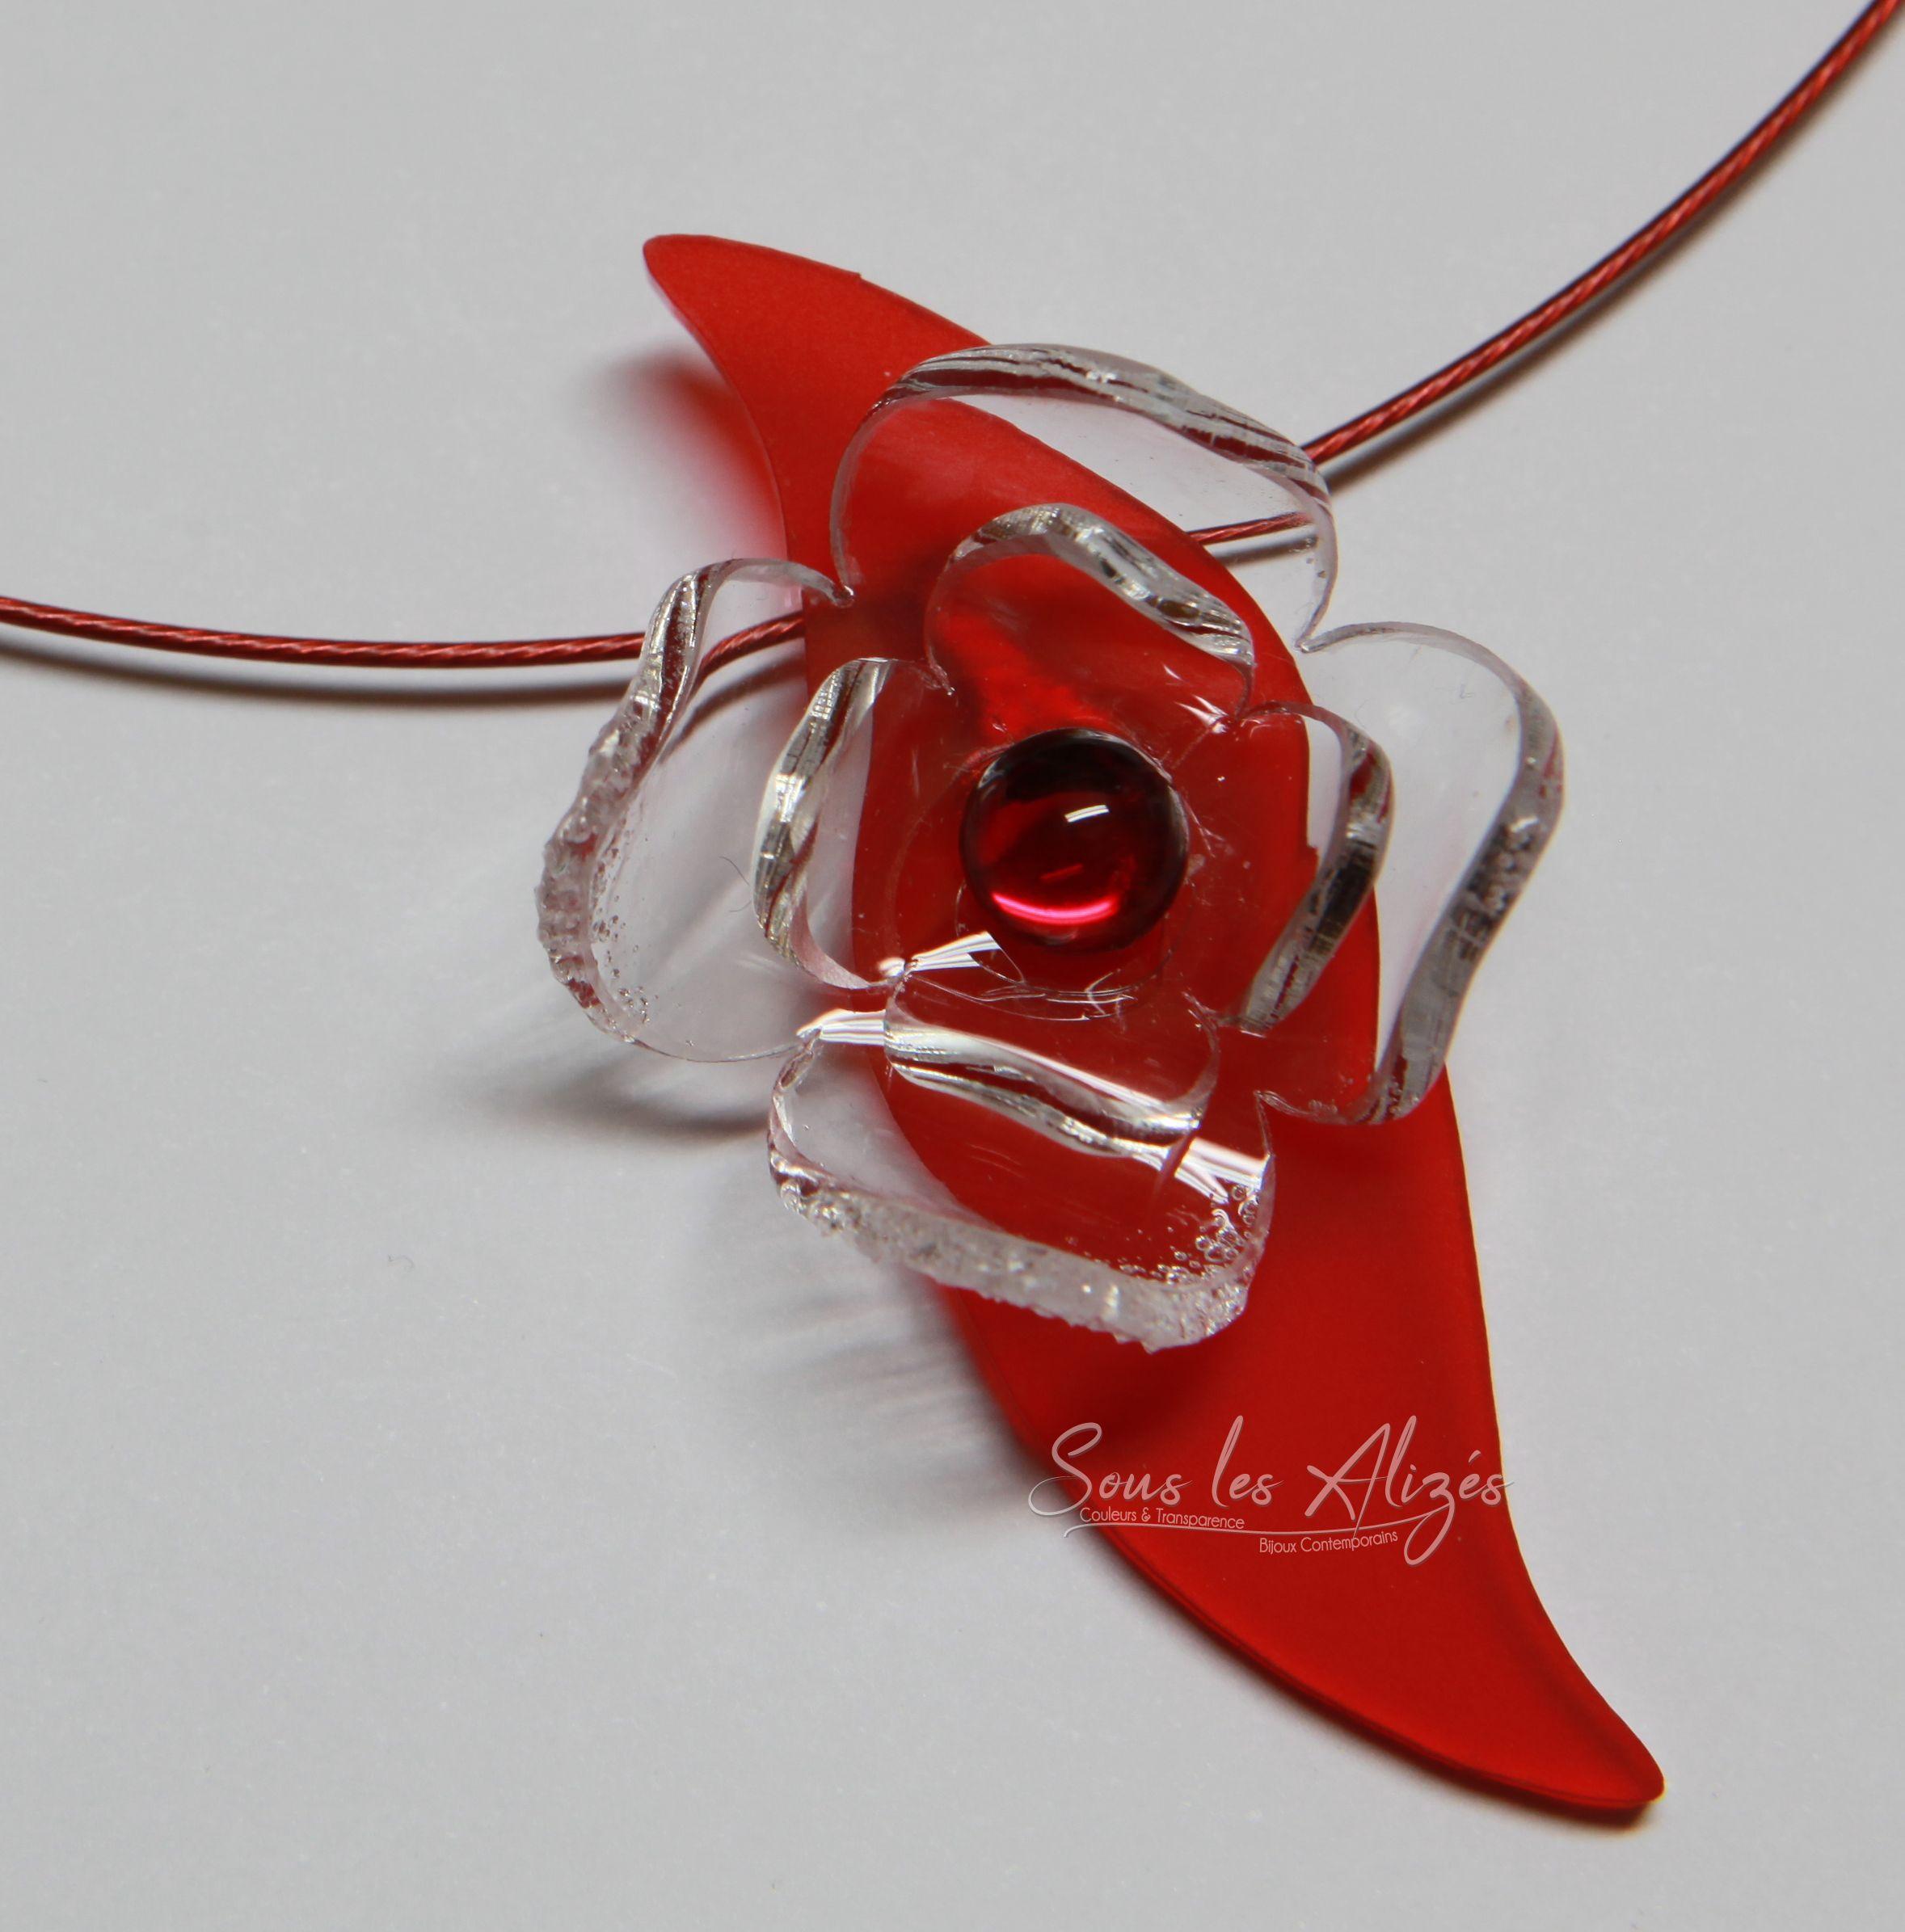 Lotus Rouge3296_Sous les alizes